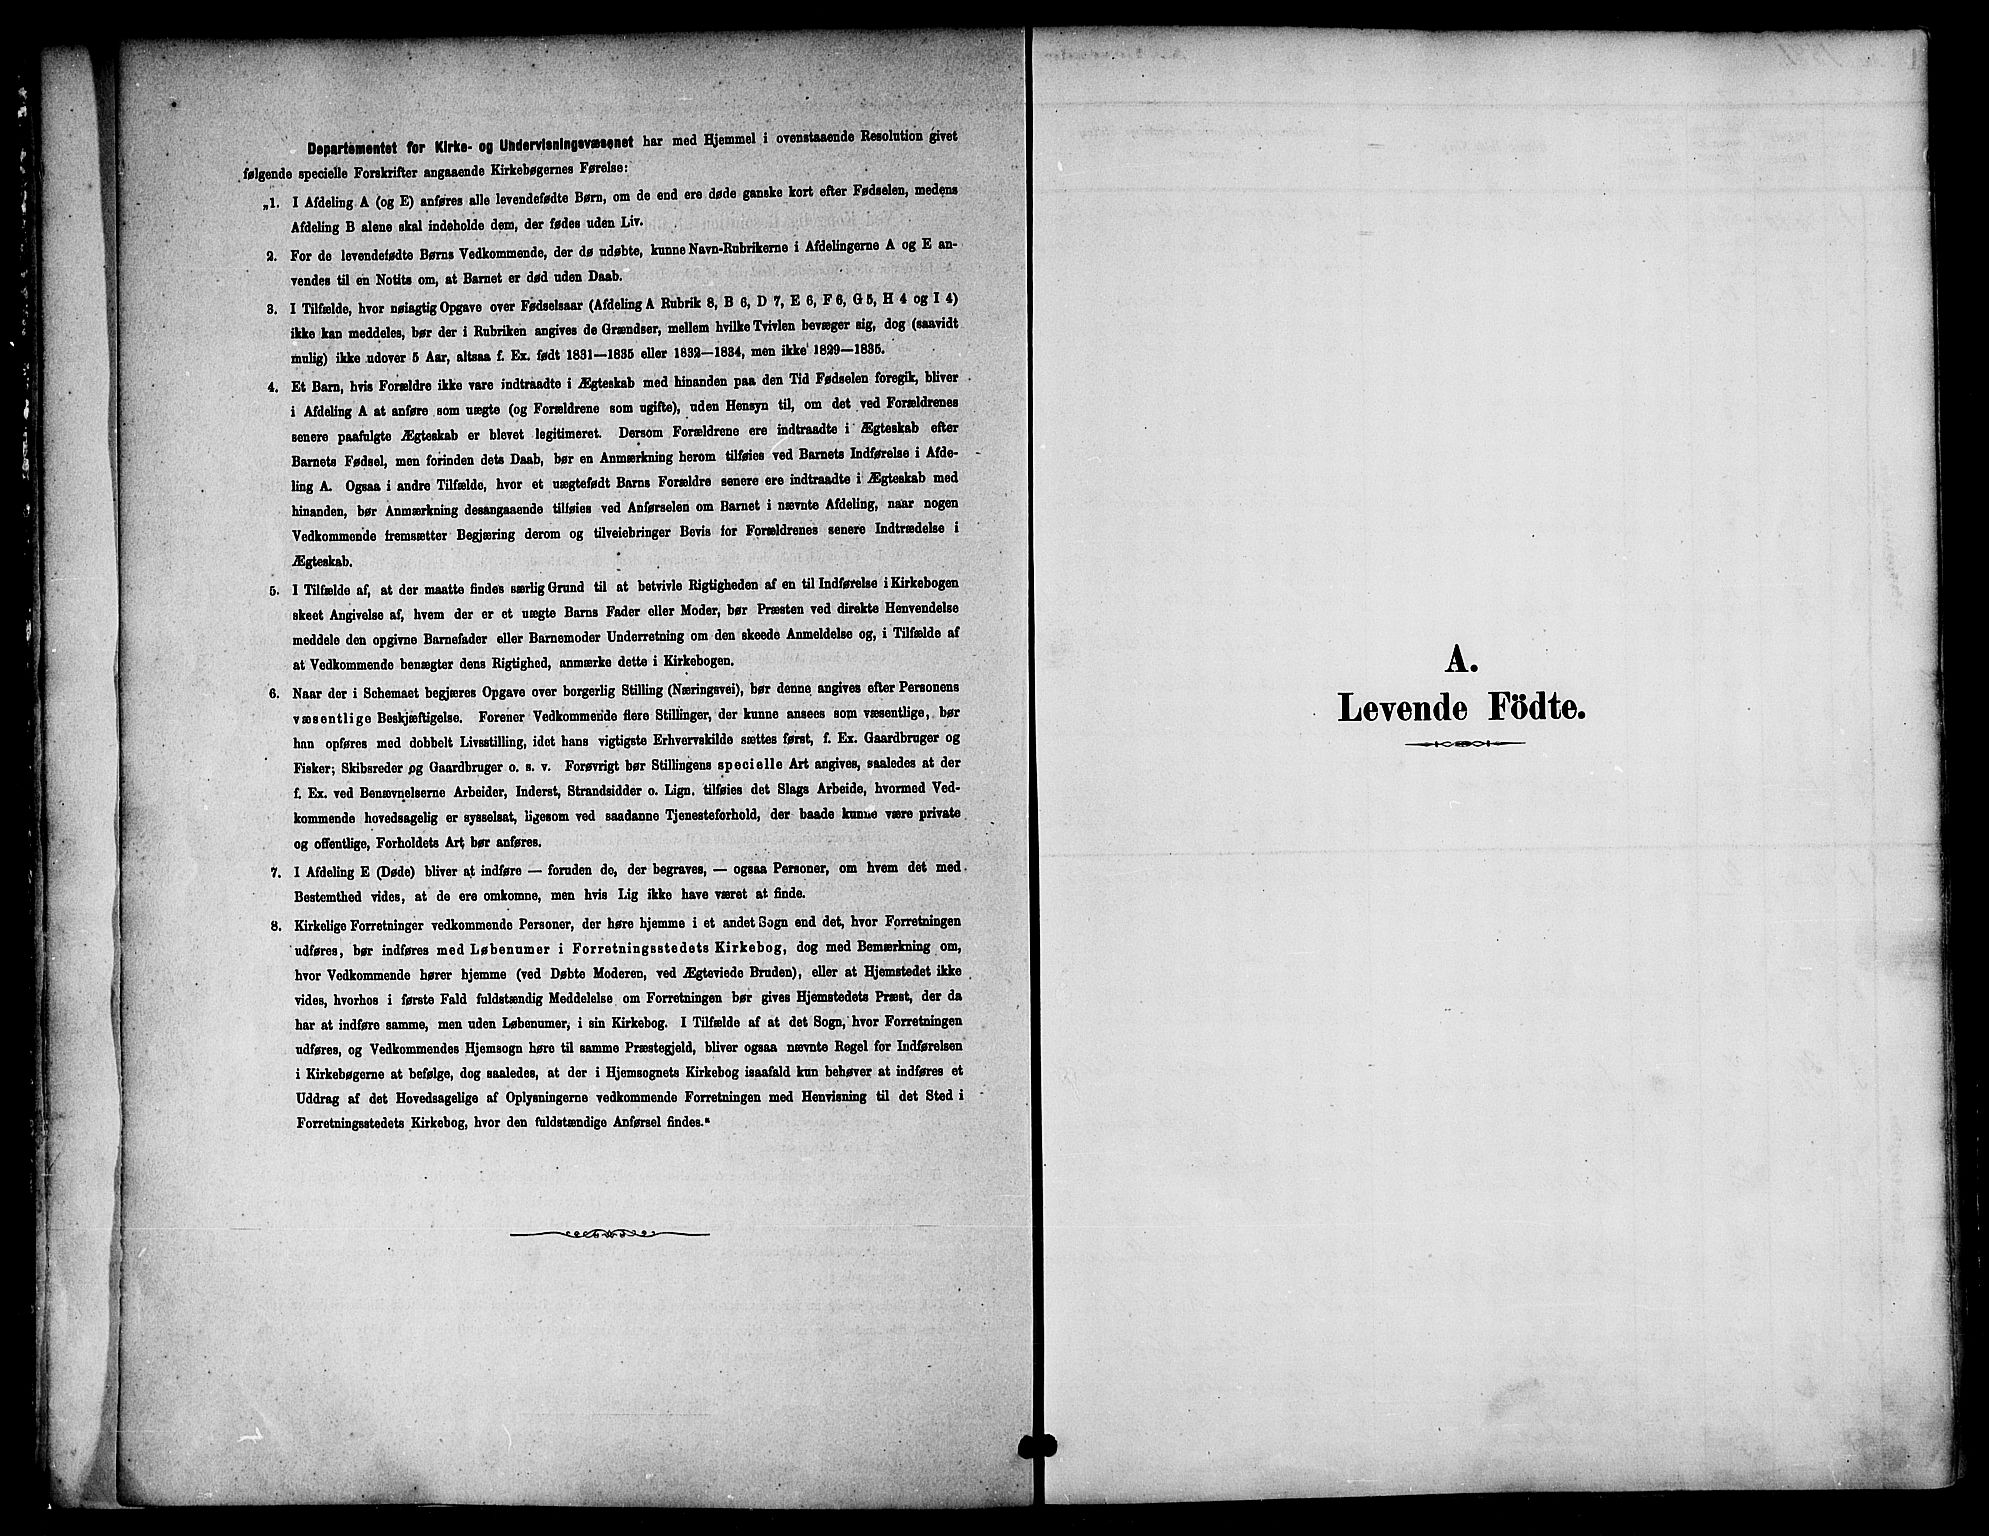 SAT, Ministerialprotokoller, klokkerbøker og fødselsregistre - Nord-Trøndelag, 764/L0555: Ministerialbok nr. 764A10, 1881-1896